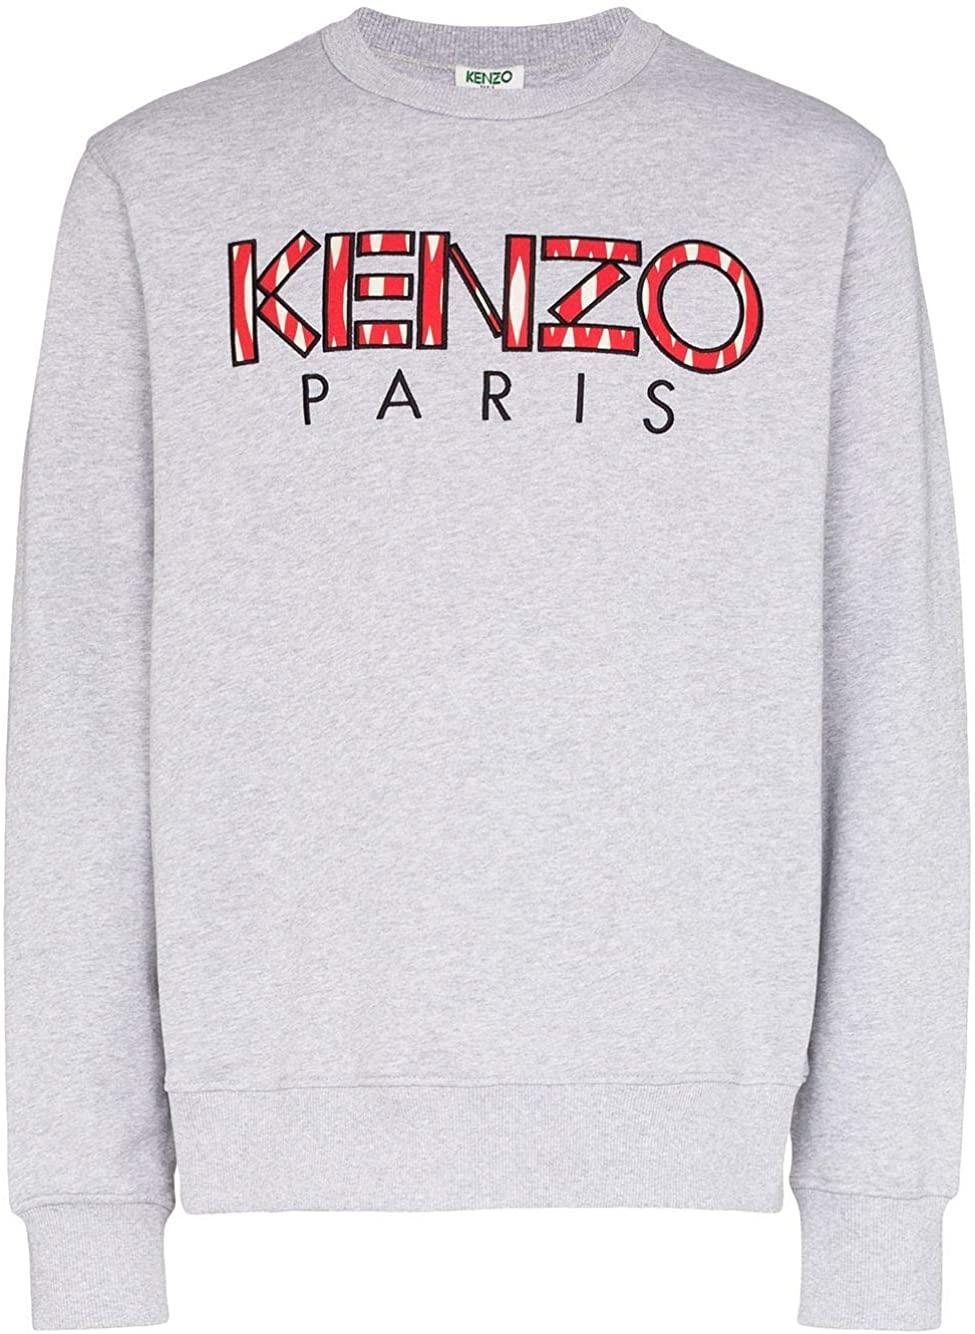 Kenzo Luxury Fashion Man FA55SW0004MD94 Grey Cotton Sweatshirt | Spring Summer 20